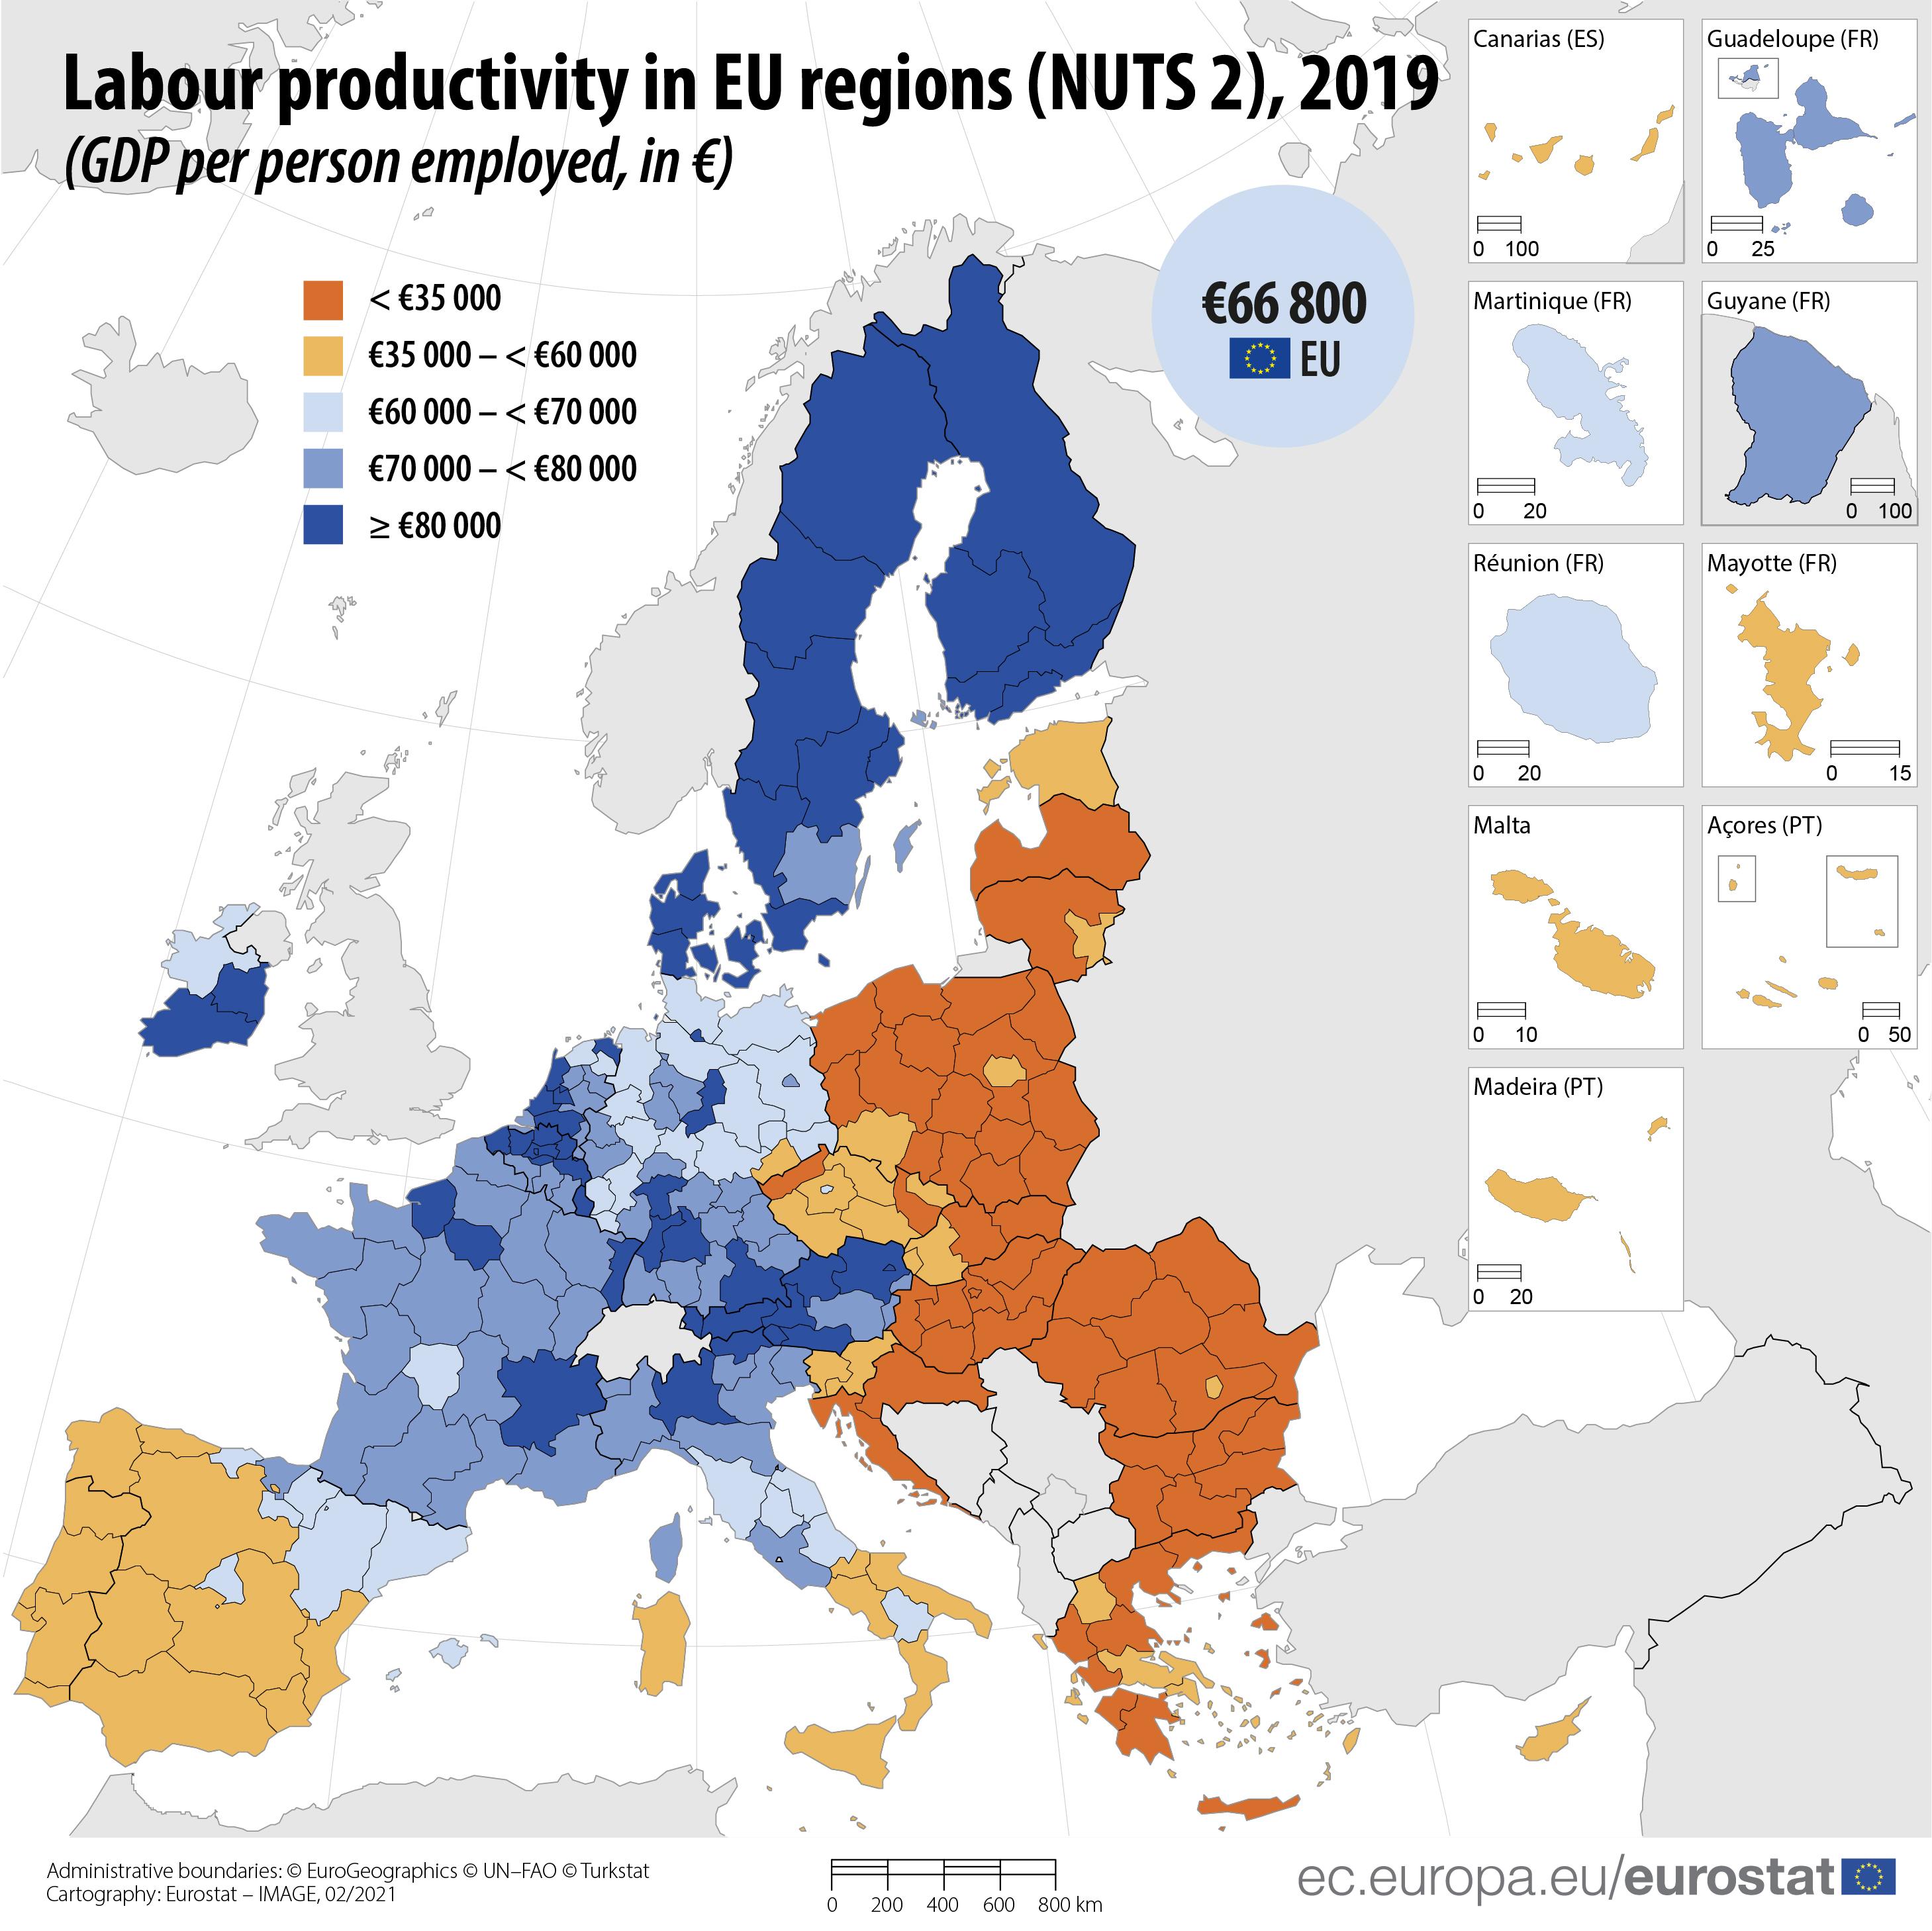 Labour productivity across EU regions, 2019